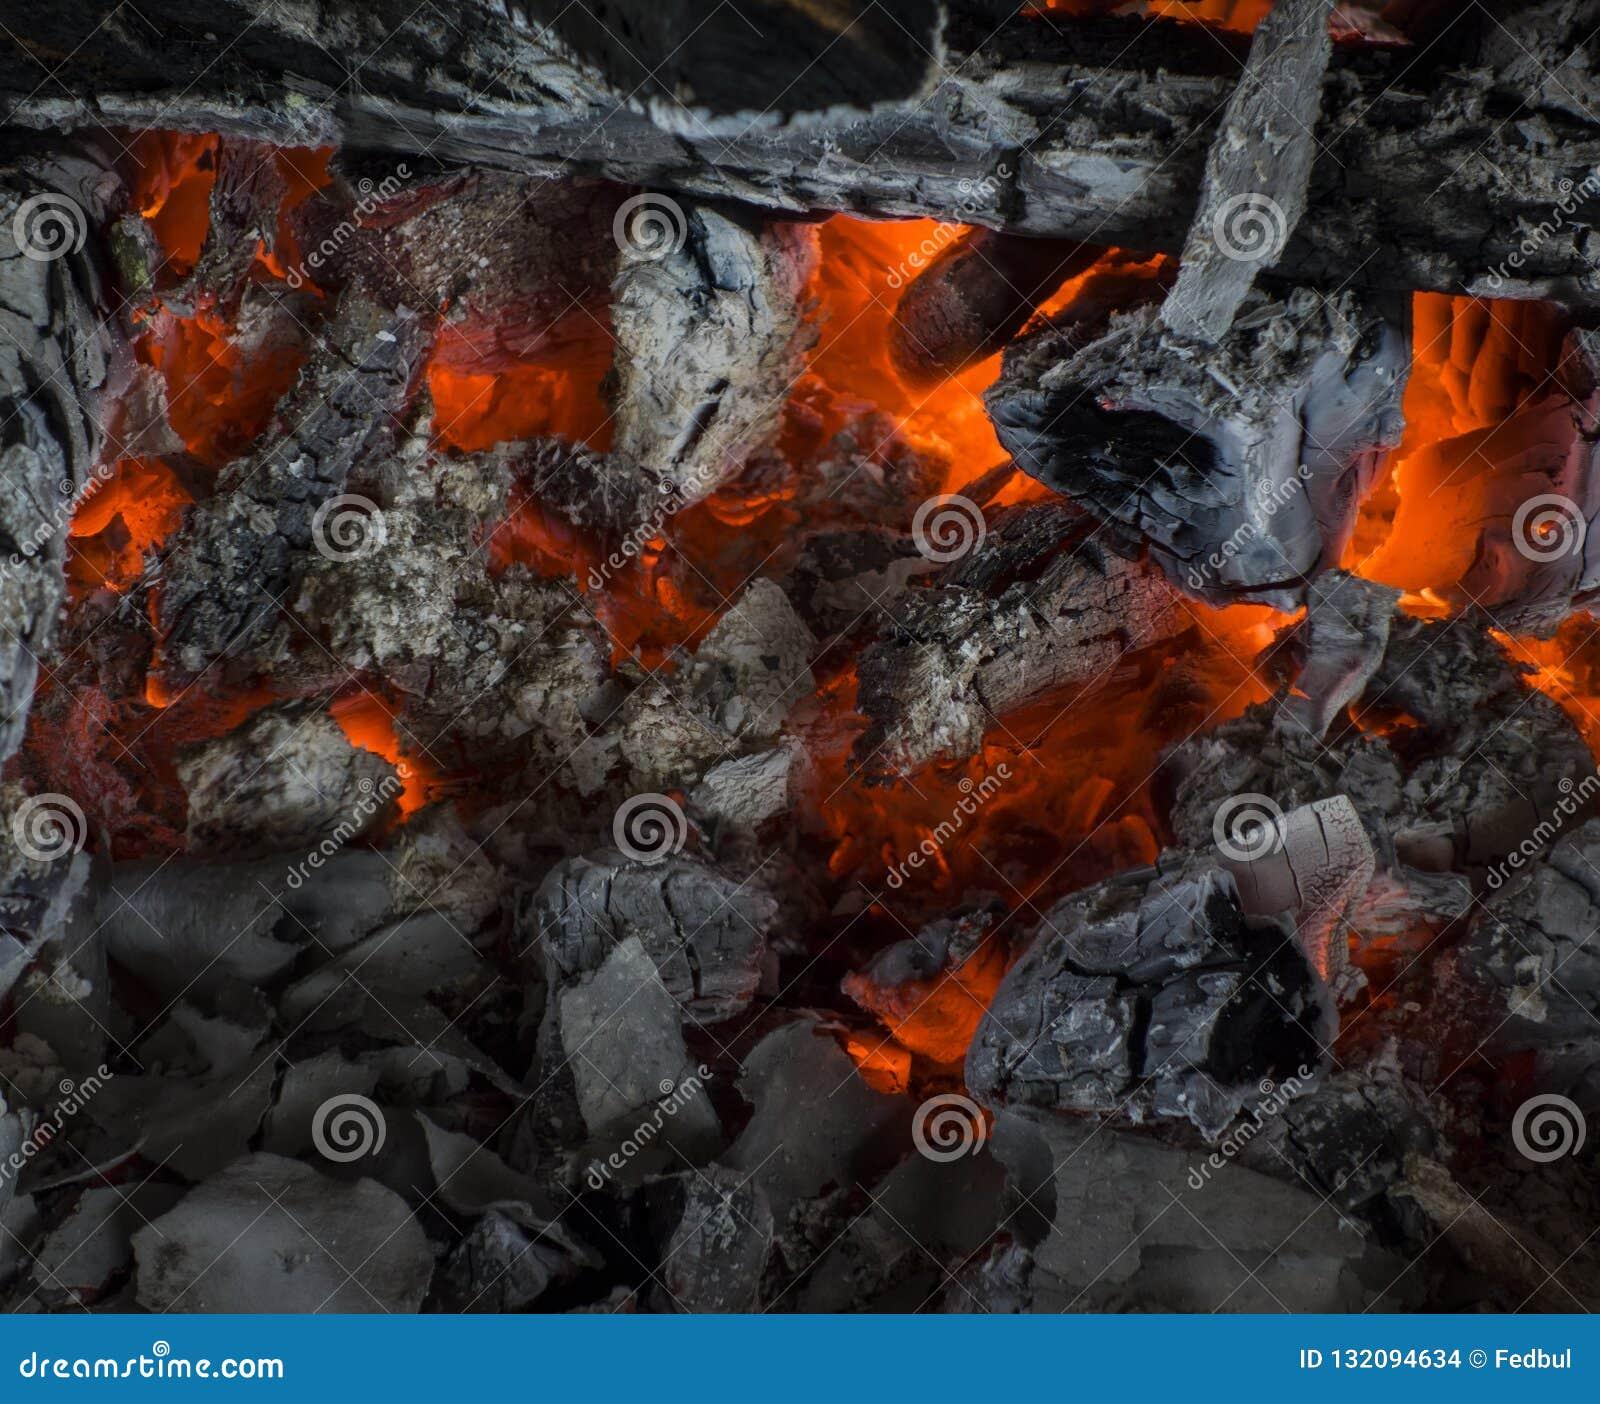 Fireplace Background Closeup Texture Of Burnt Coal Stock